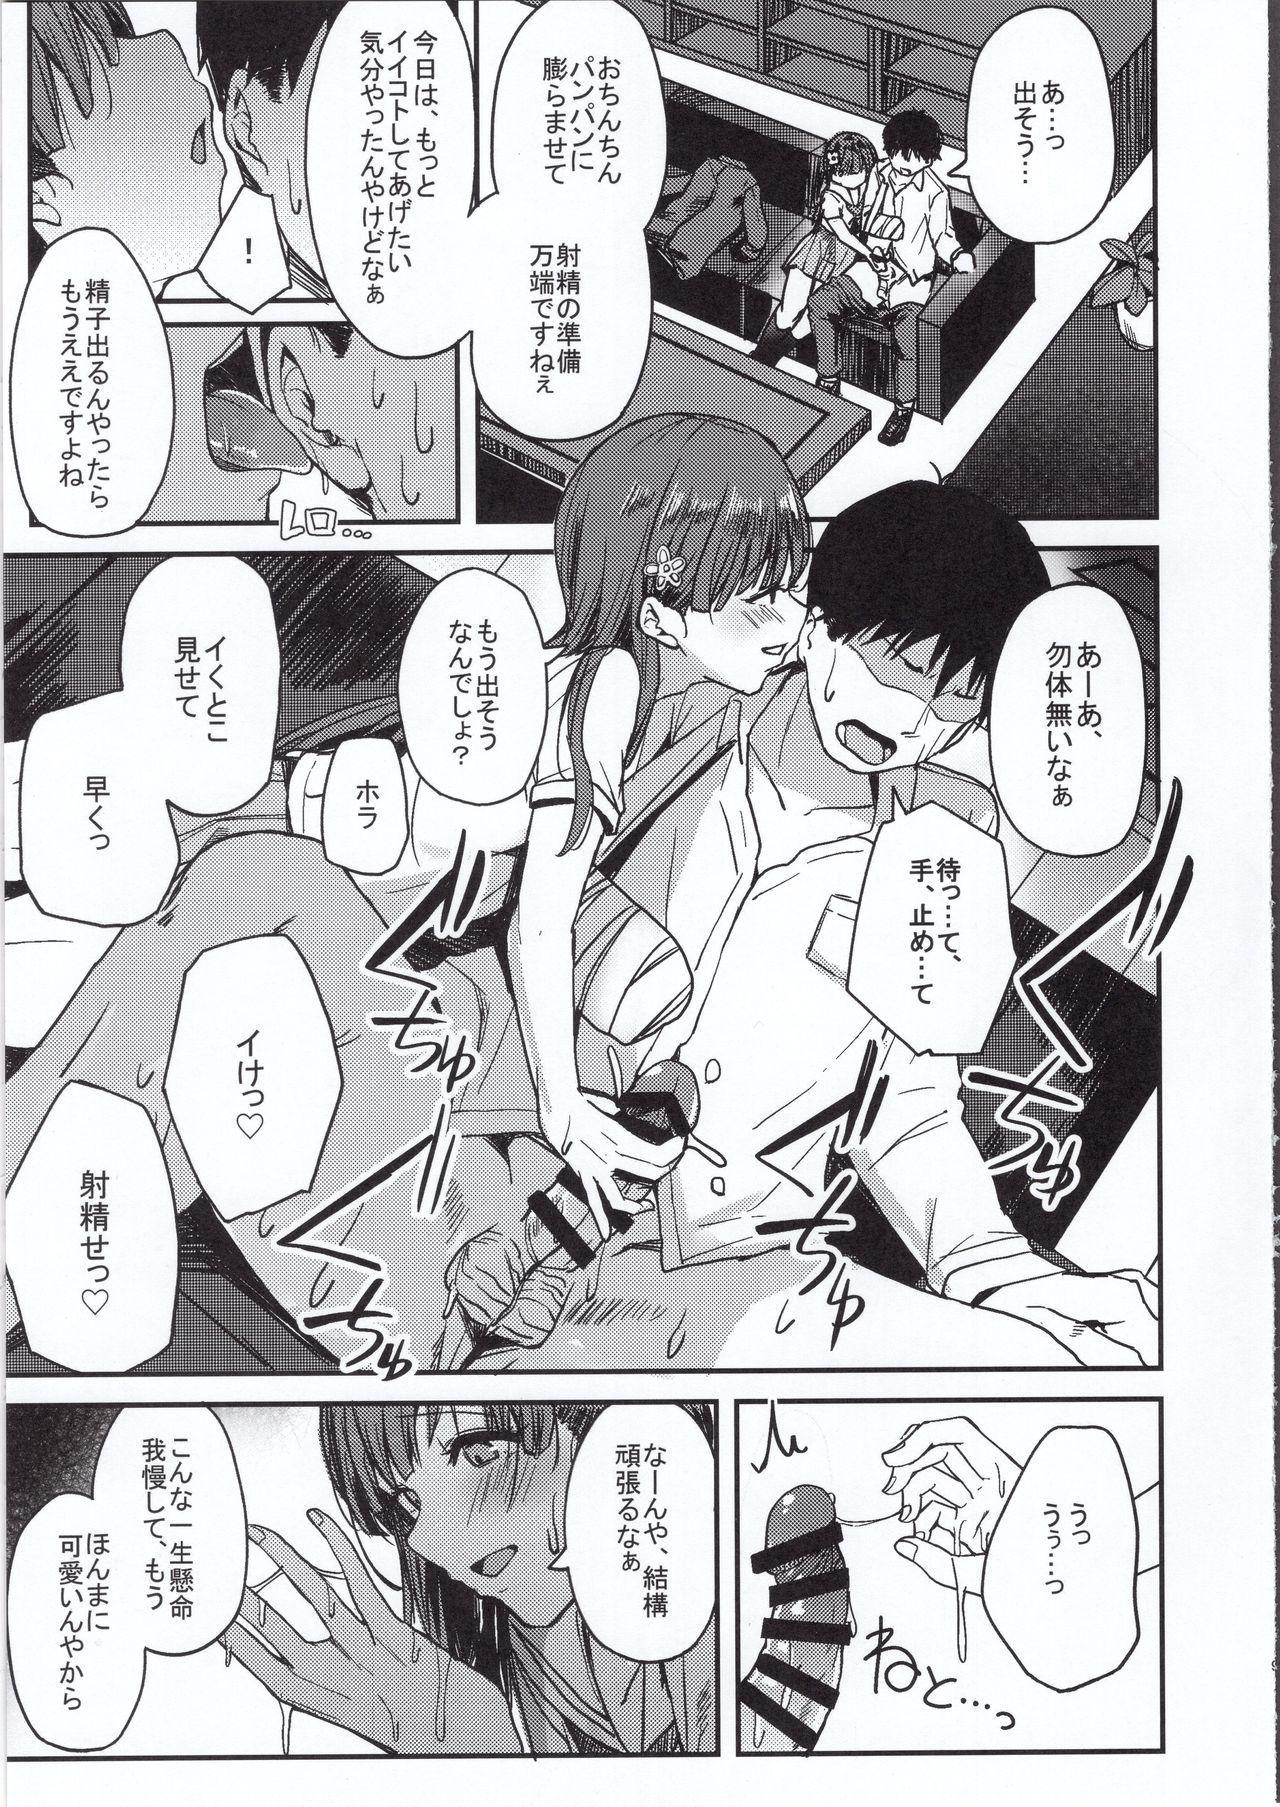 Kyoumusume ni Kanri Sareru Hon 7